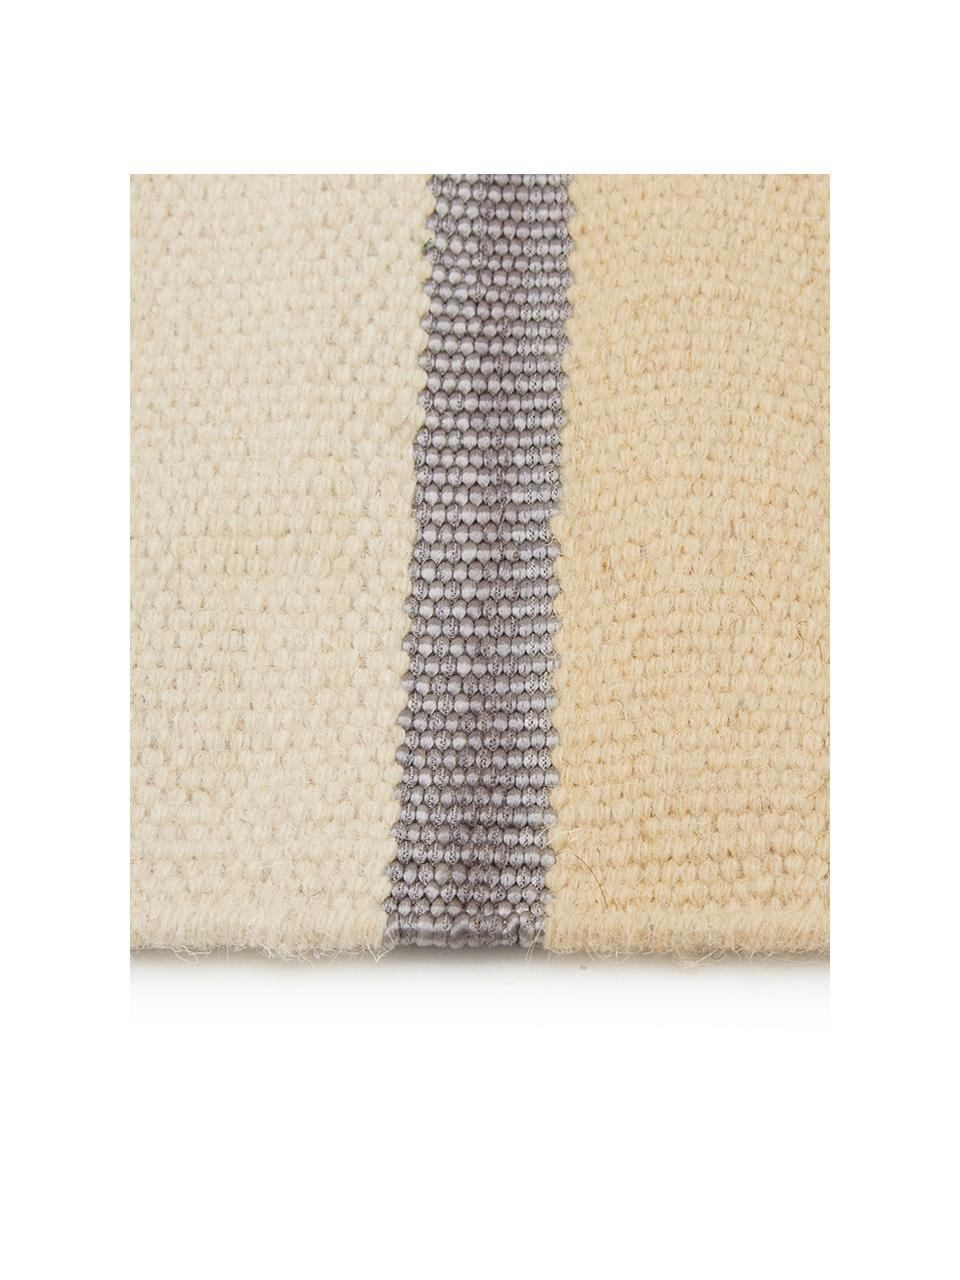 Handgeweven wollen vloerkleed Metallum in beige/geel met franjes, 85% wol, 15% polyester Bij wollen vloerkleden kunnen vezels loskomen in de eerste weken van gebruik, dit neemt af door dagelijks gebruik en pluizen wordt verminderd., Multicolour, B 200 x L 300 cm (maat L)